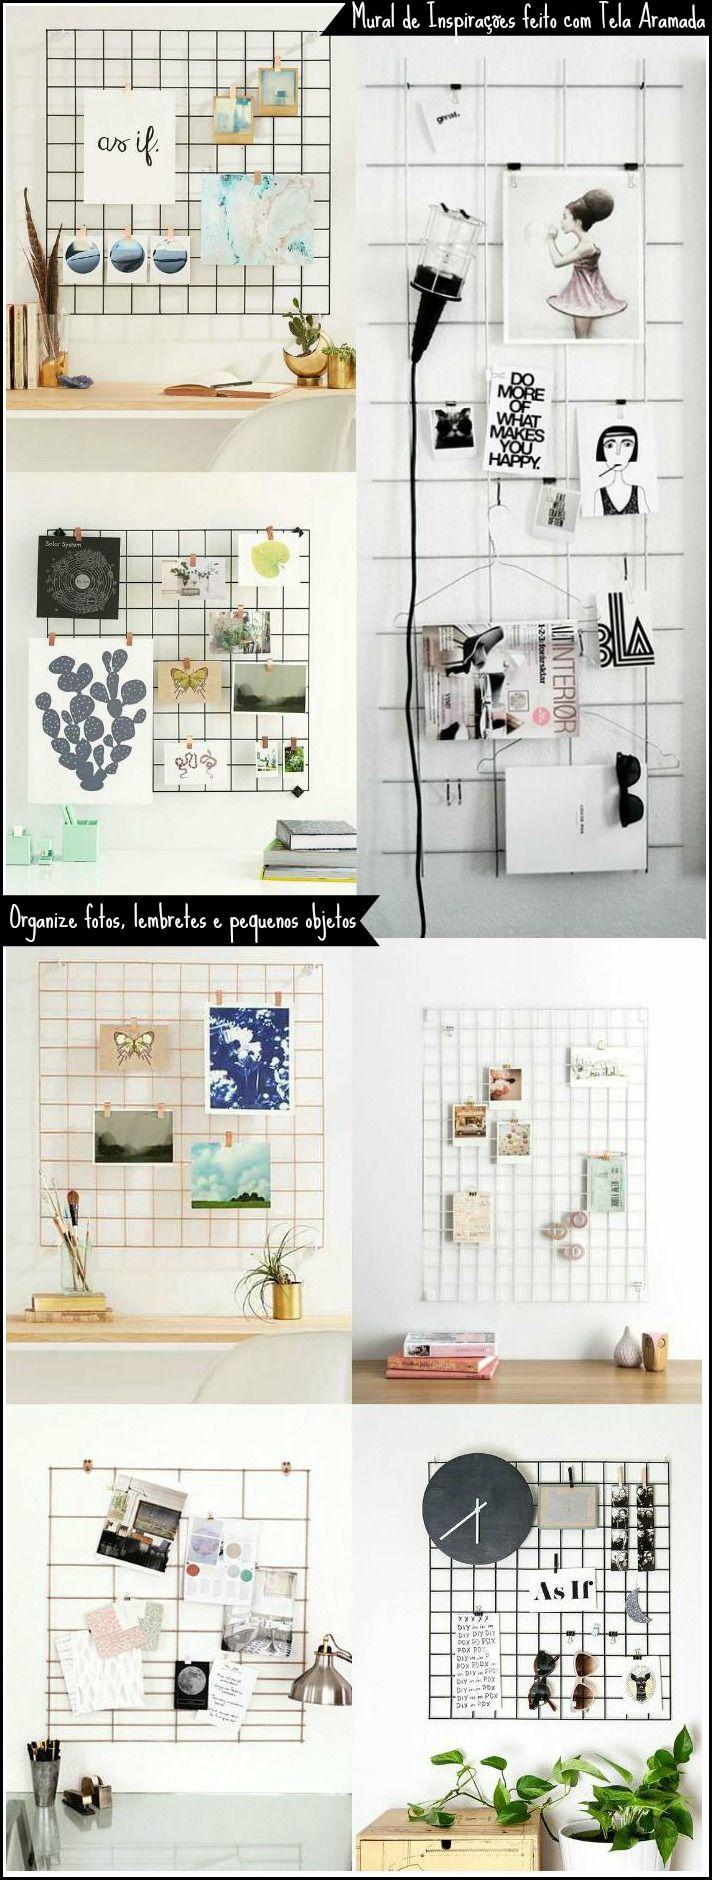 Tela Aramada: 29 inspirações para o seu mural de inspirações. Wire grid wall |Mood board